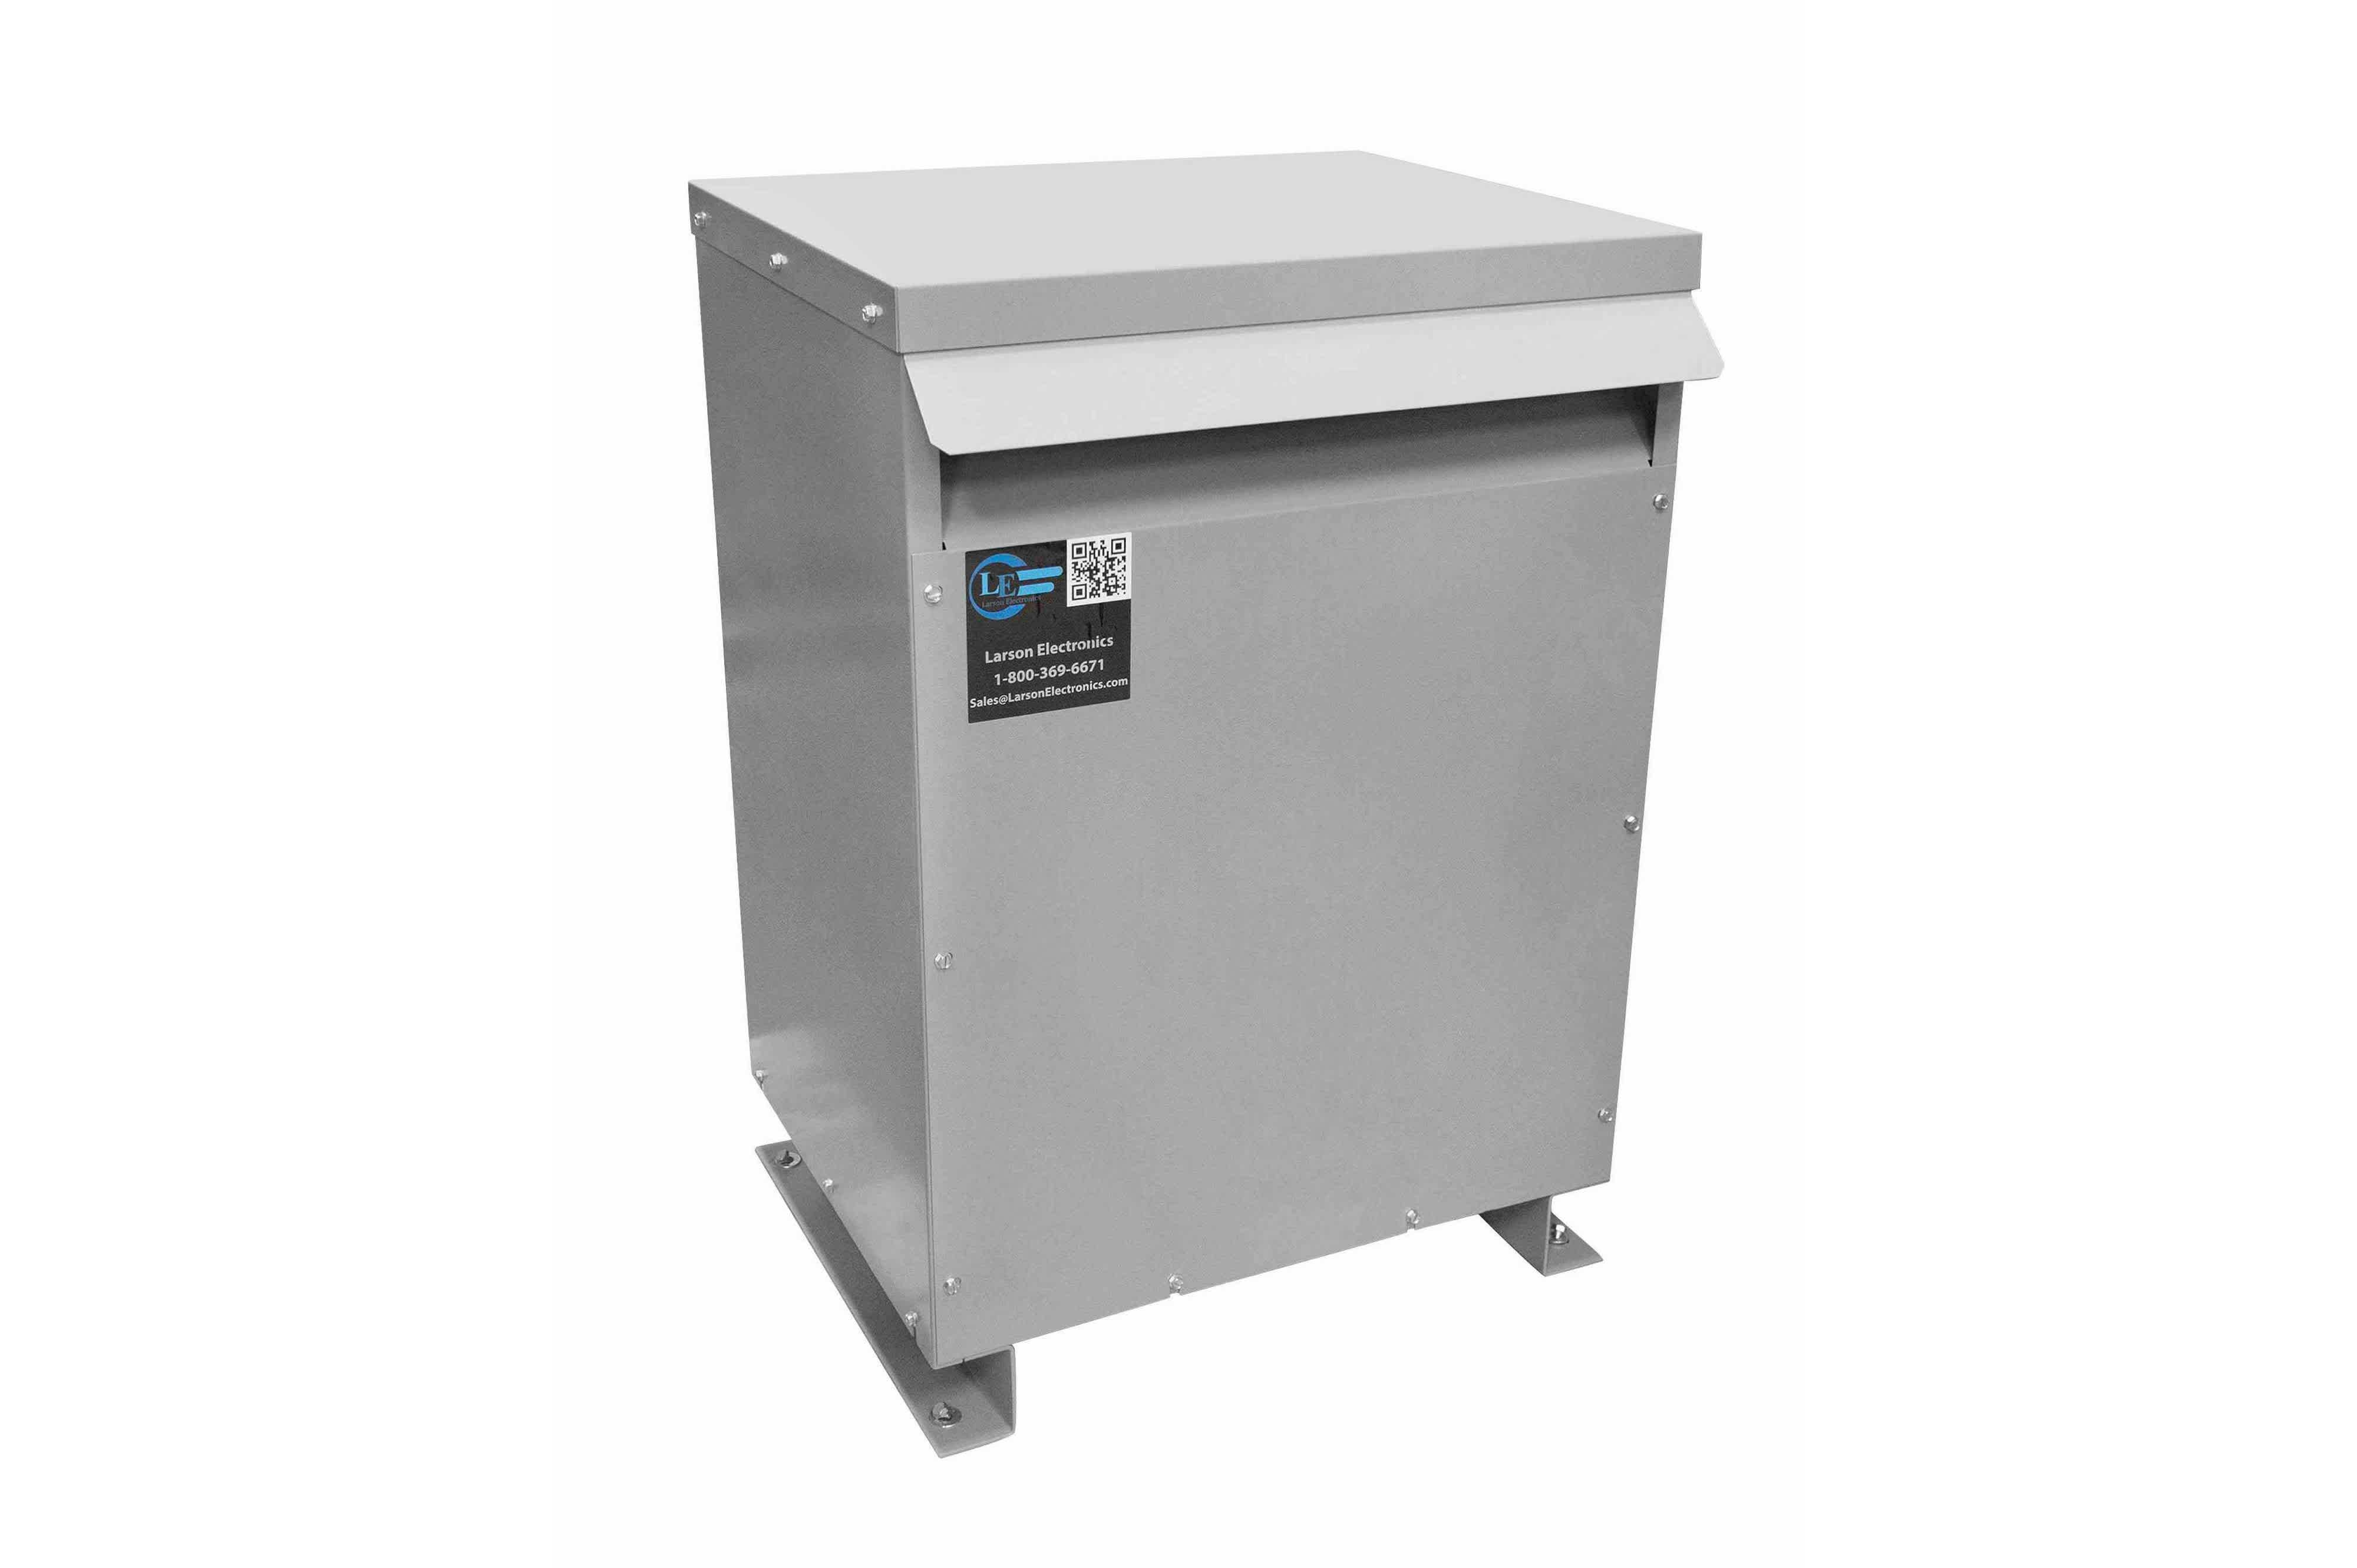 25 kVA 3PH Isolation Transformer, 208V Delta Primary, 240 Delta Secondary, N3R, Ventilated, 60 Hz